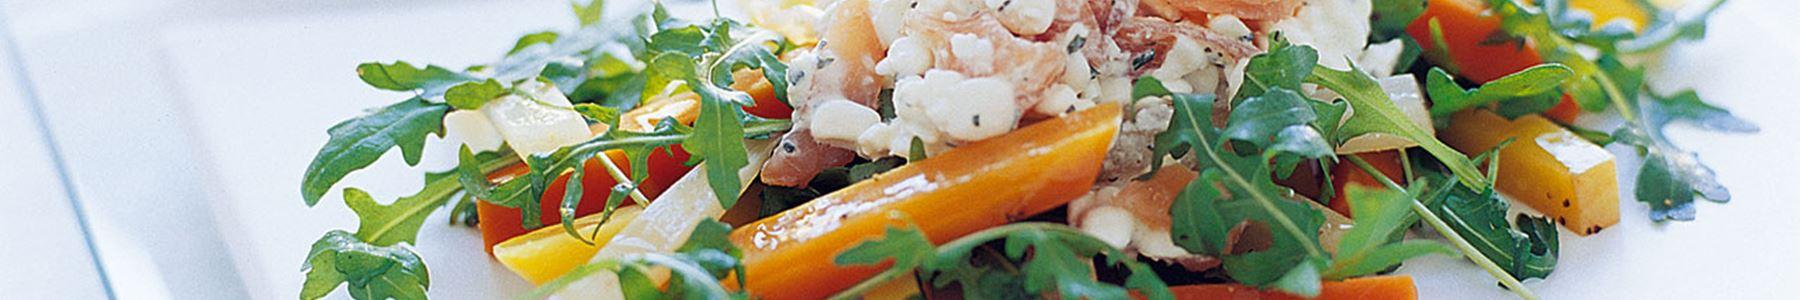 Fisk + Morötter + Sallad